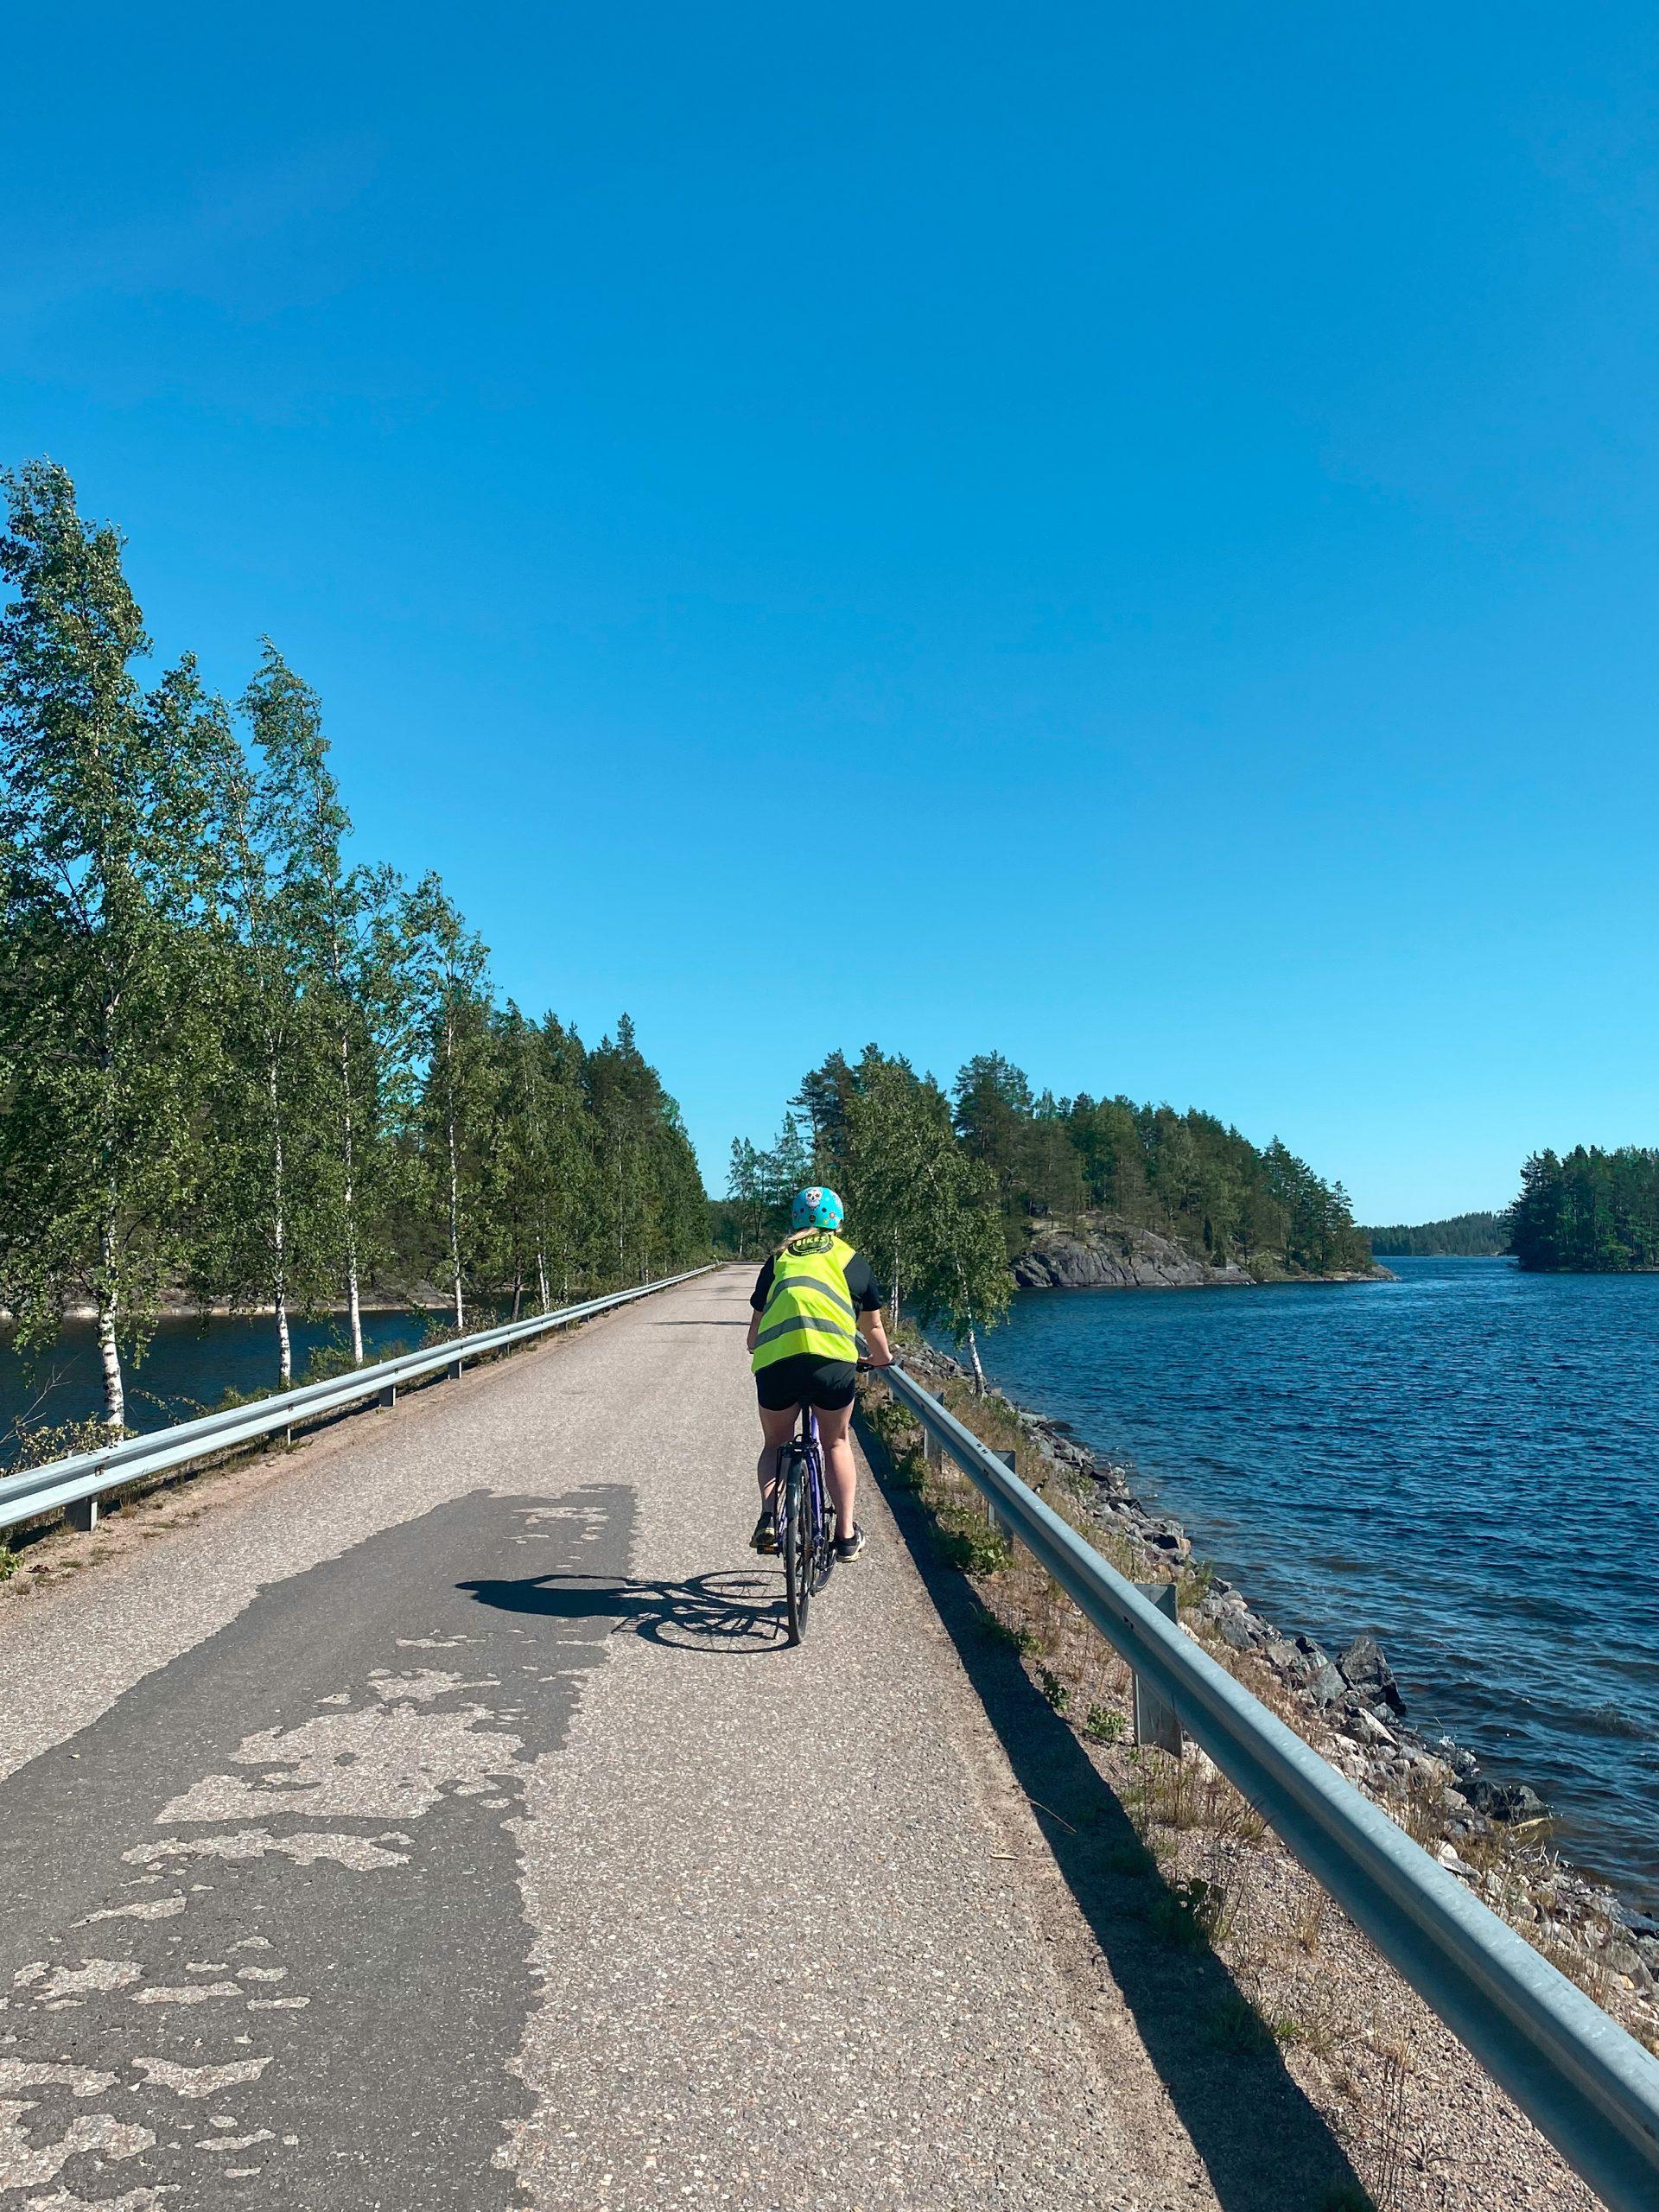 Pyöräilijä Puumalan saaristoreitillä, järvi tien molemmalla puolella